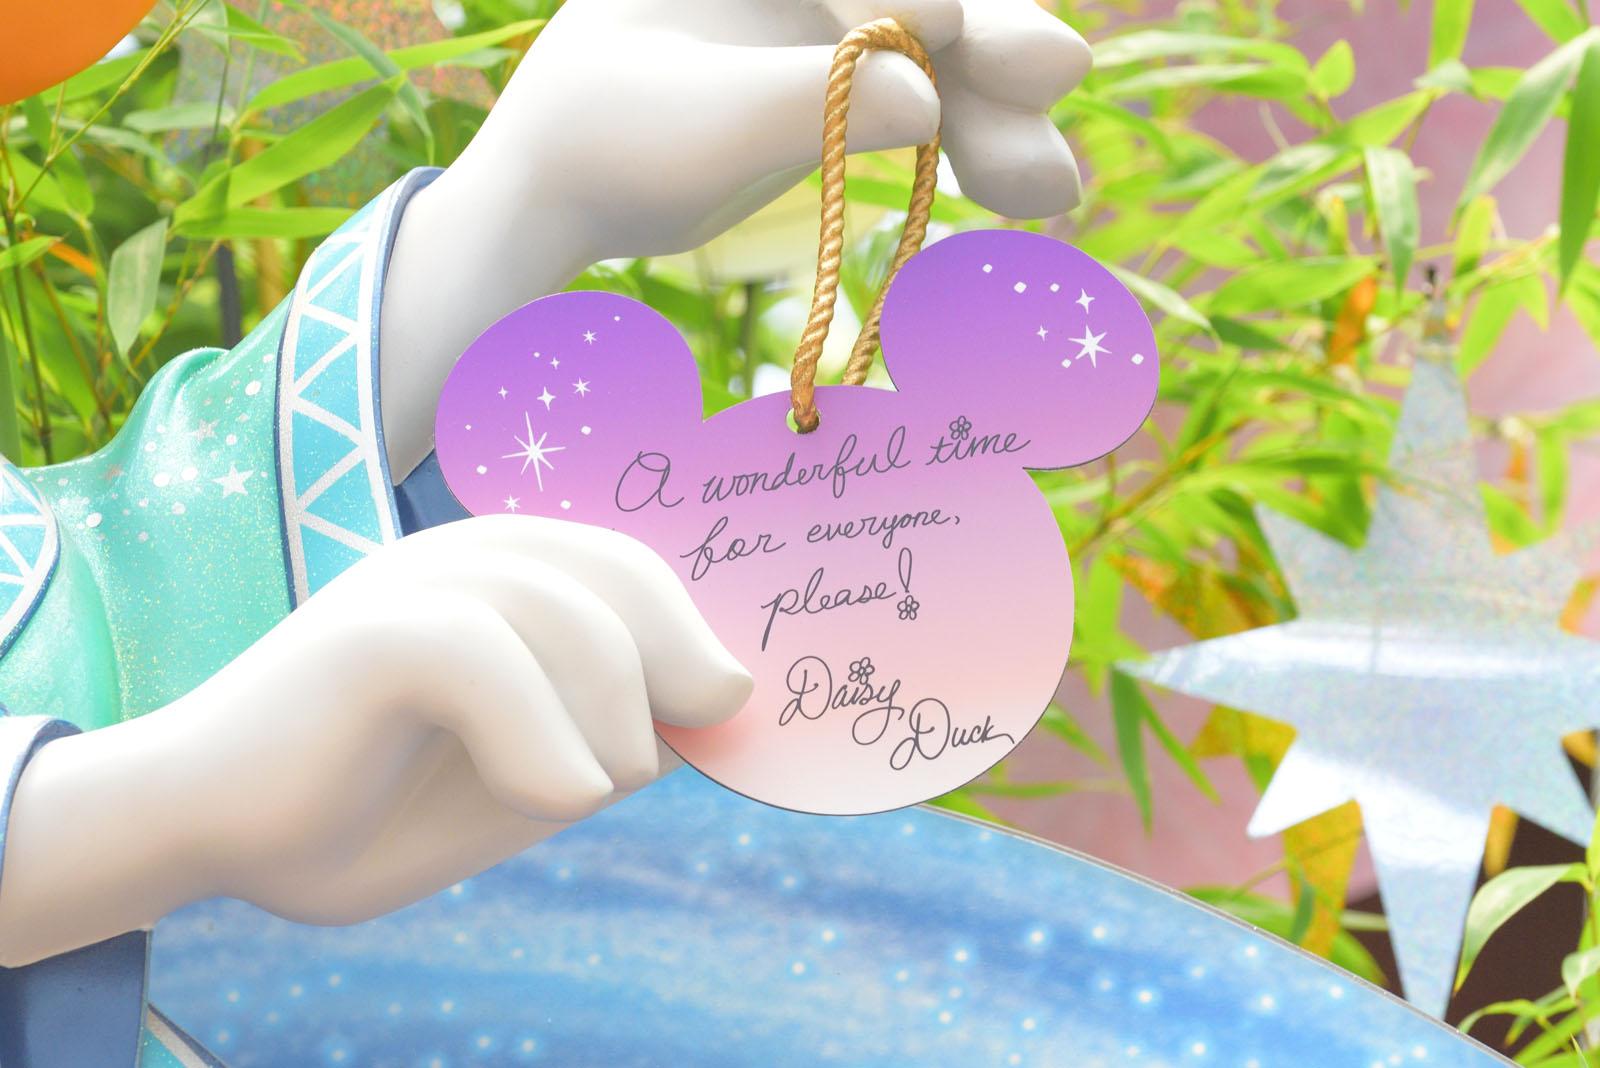 ディズニー七夕デイズ2019 ウィッシングプレイス デイジーの短冊